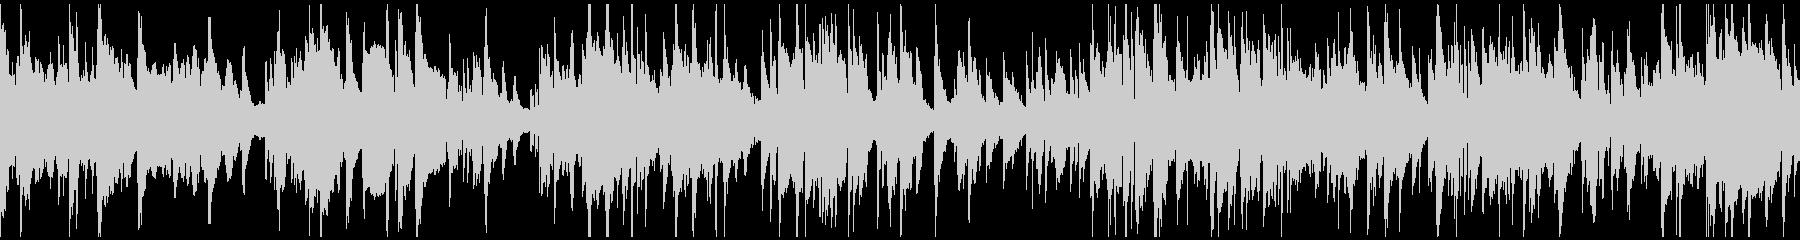 ジャズラウンジゆったりバラード※ループ版の未再生の波形